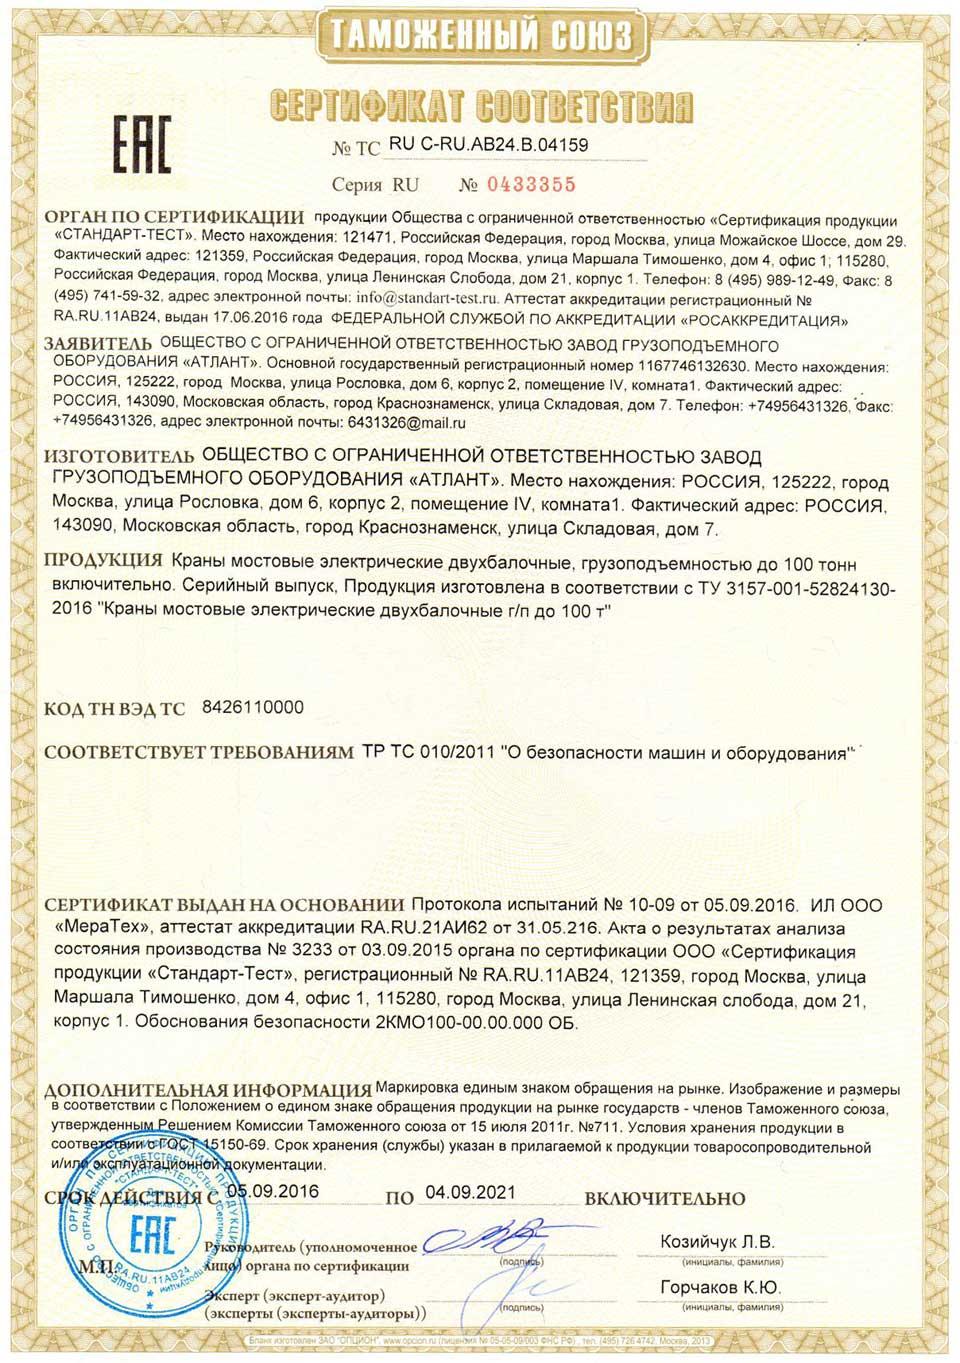 mostovoj sert2 - Кран мостовой специальный с лапами (пратцен-кран)